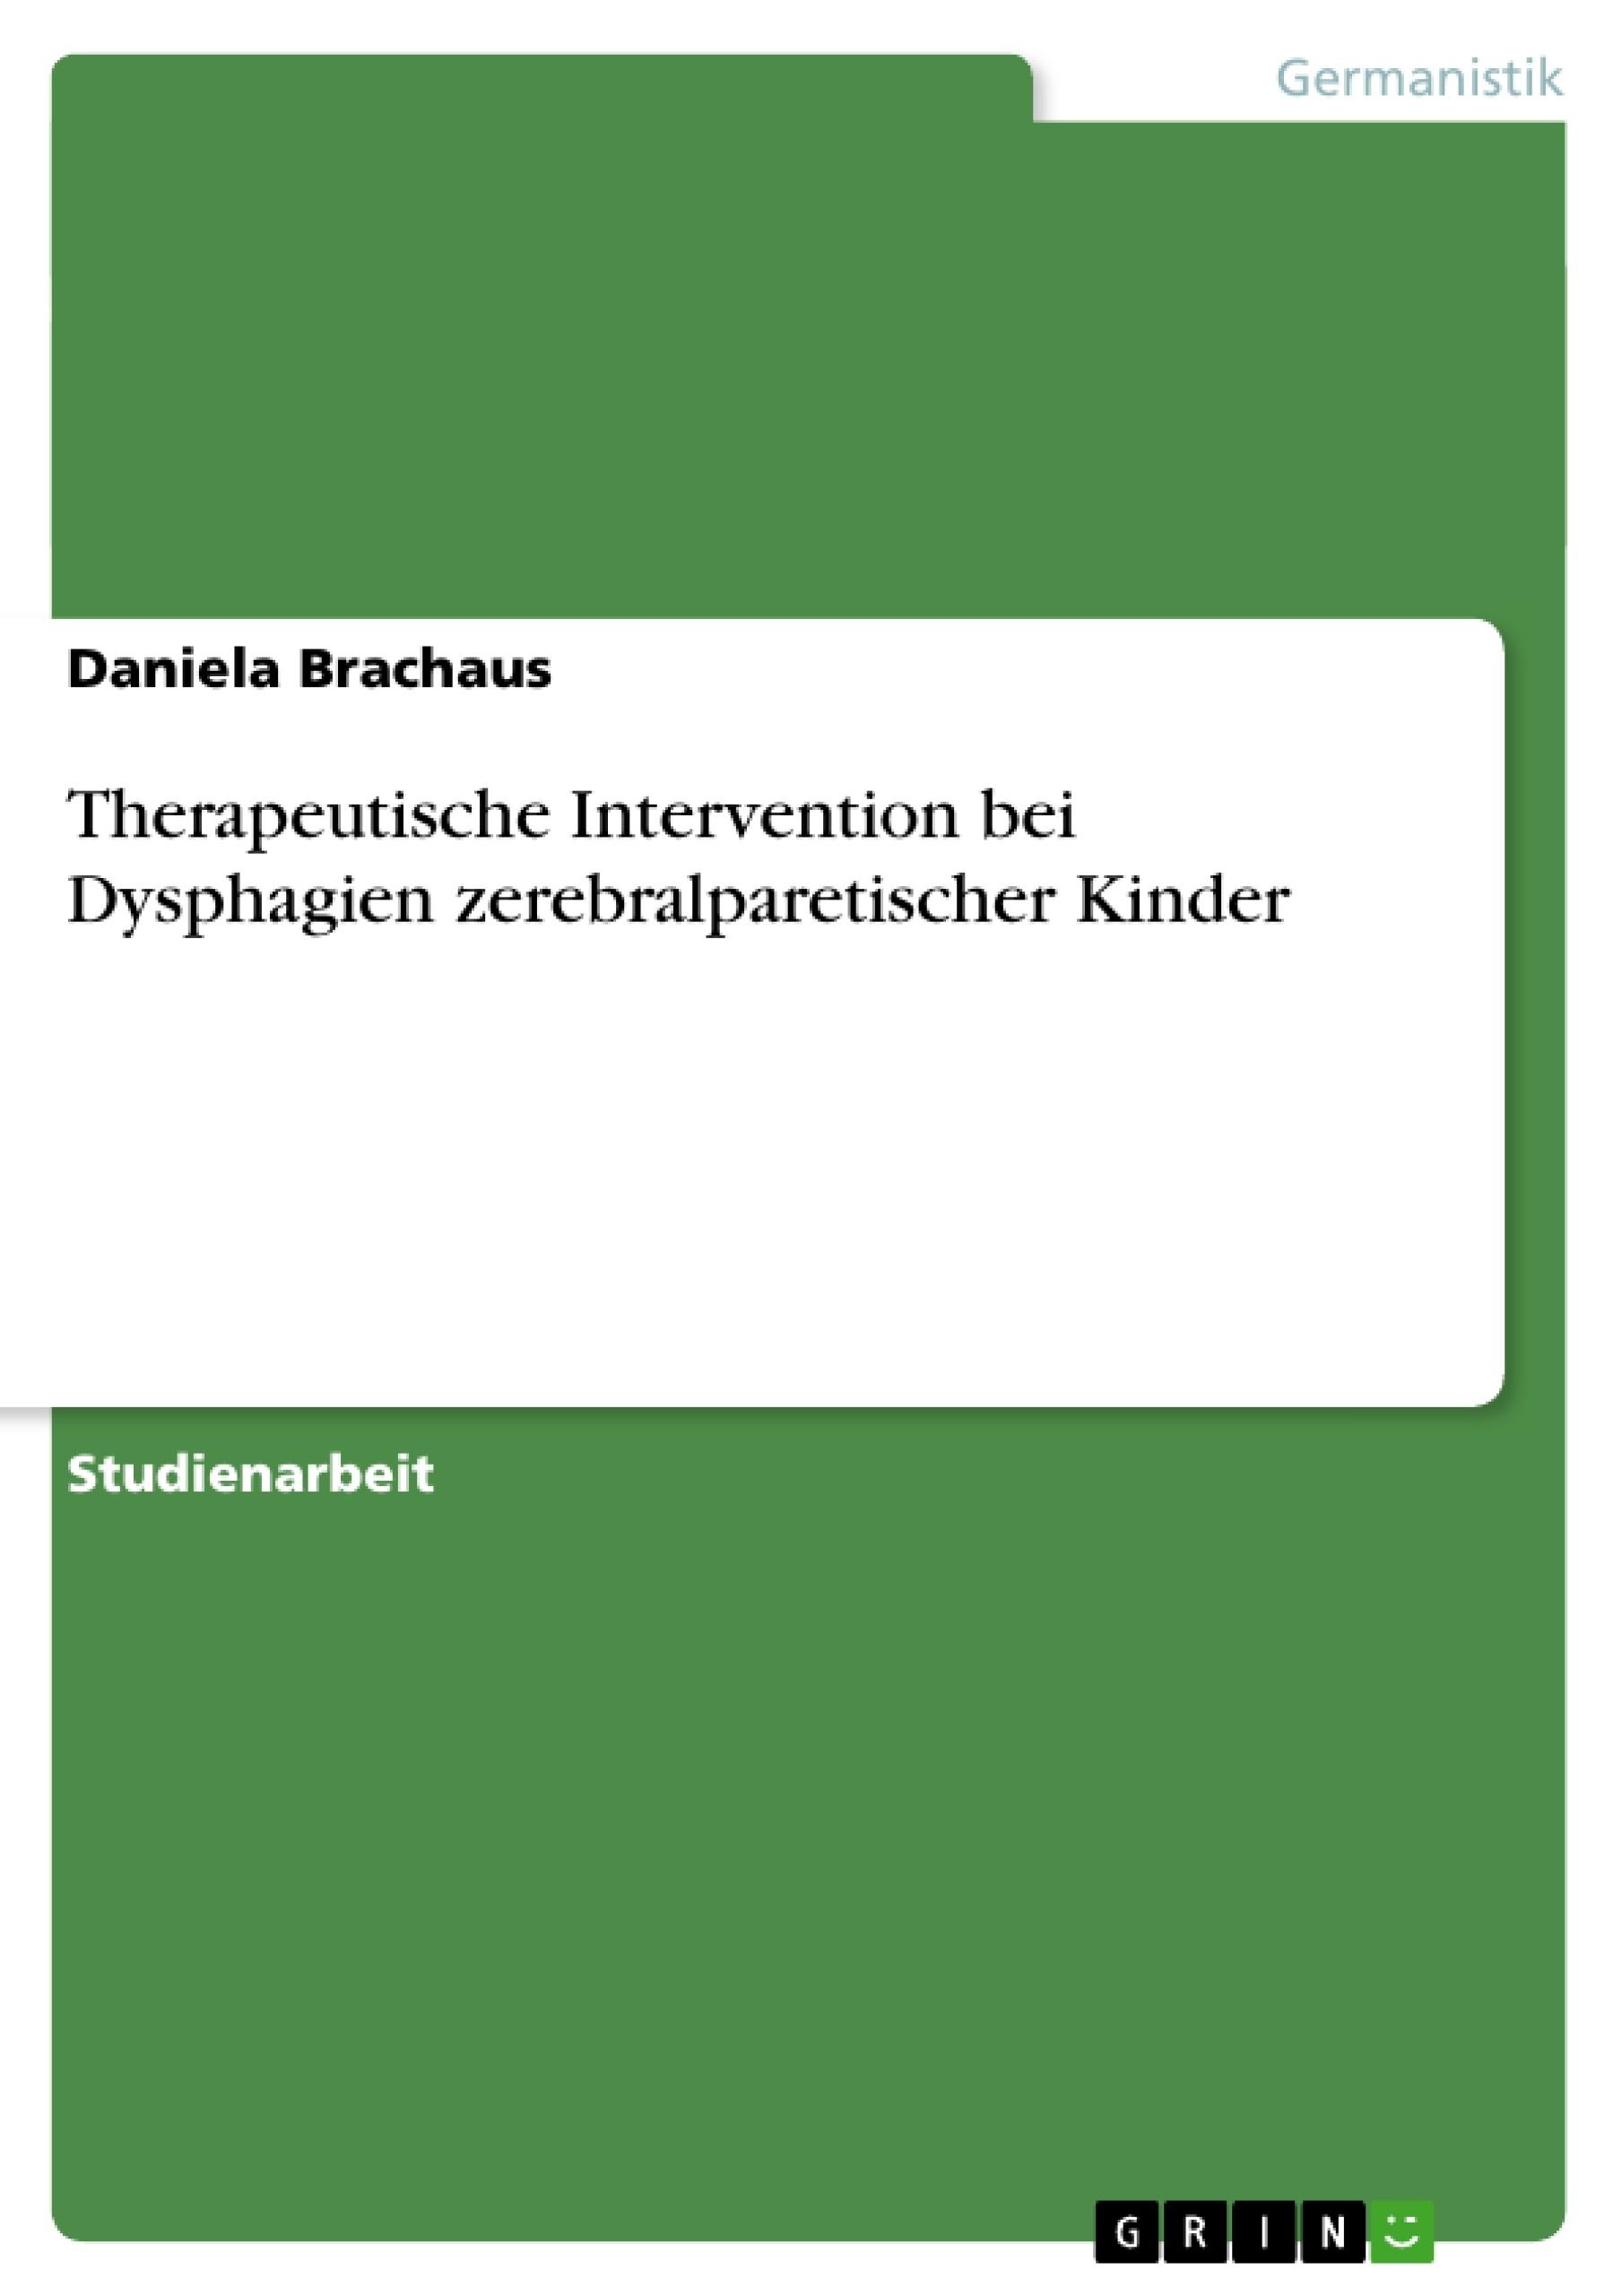 Titel: Therapeutische Intervention bei  Dysphagien zerebralparetischer Kinder